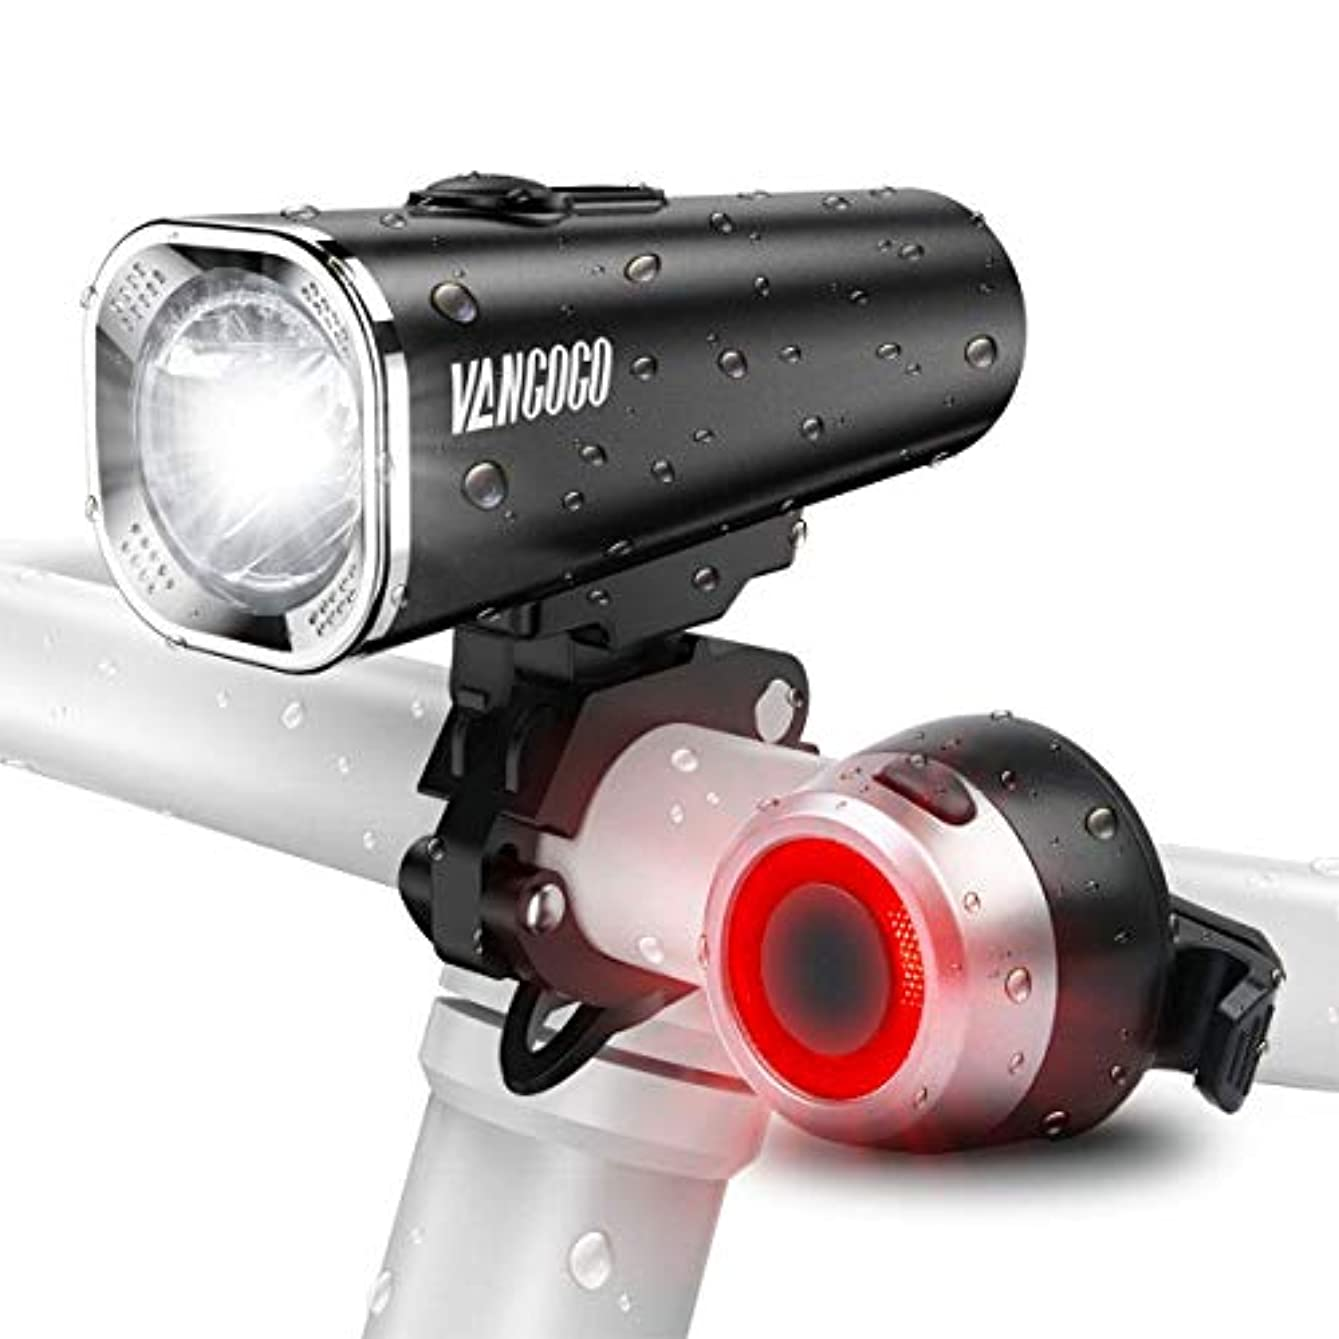 形状道徳の仮定、想定。推測自転車ライト VANGOGO FT1 USB充電式 ヘッドライト テールライト付き IPX5 防水 高輝度 防災 2500mah大容量 5モード対応 懐中電灯兼用 500ルーメン 多用途 夜間使用 LEDヘッドライト コンパクト フロント用 自転車フロントライト